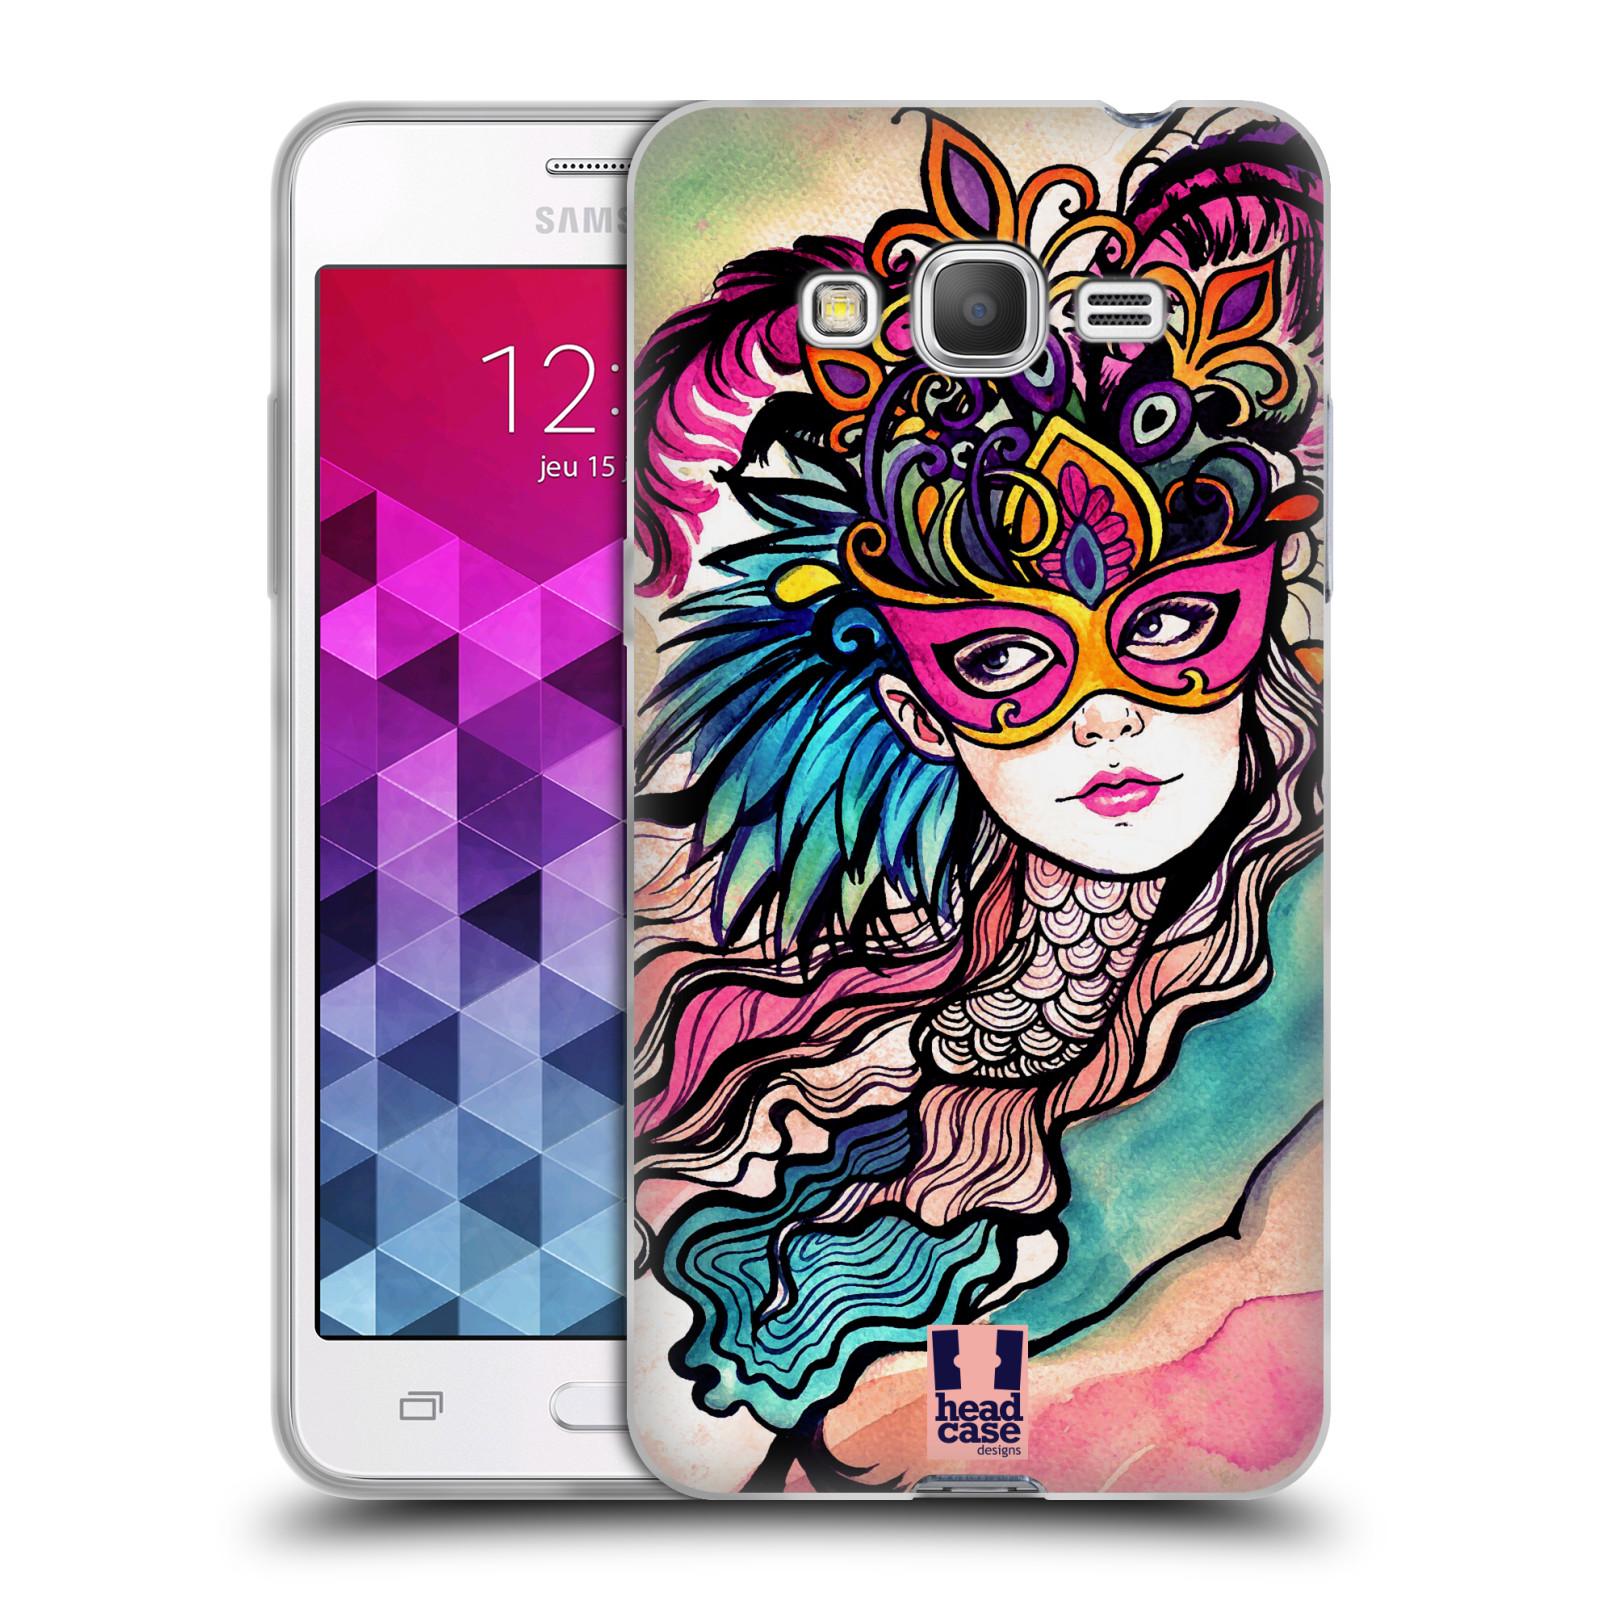 HEAD CASE silikonový obal na mobil Samsung Galaxy GRAND PRIME vzor Maškarní ples masky kreslené vzory růžová